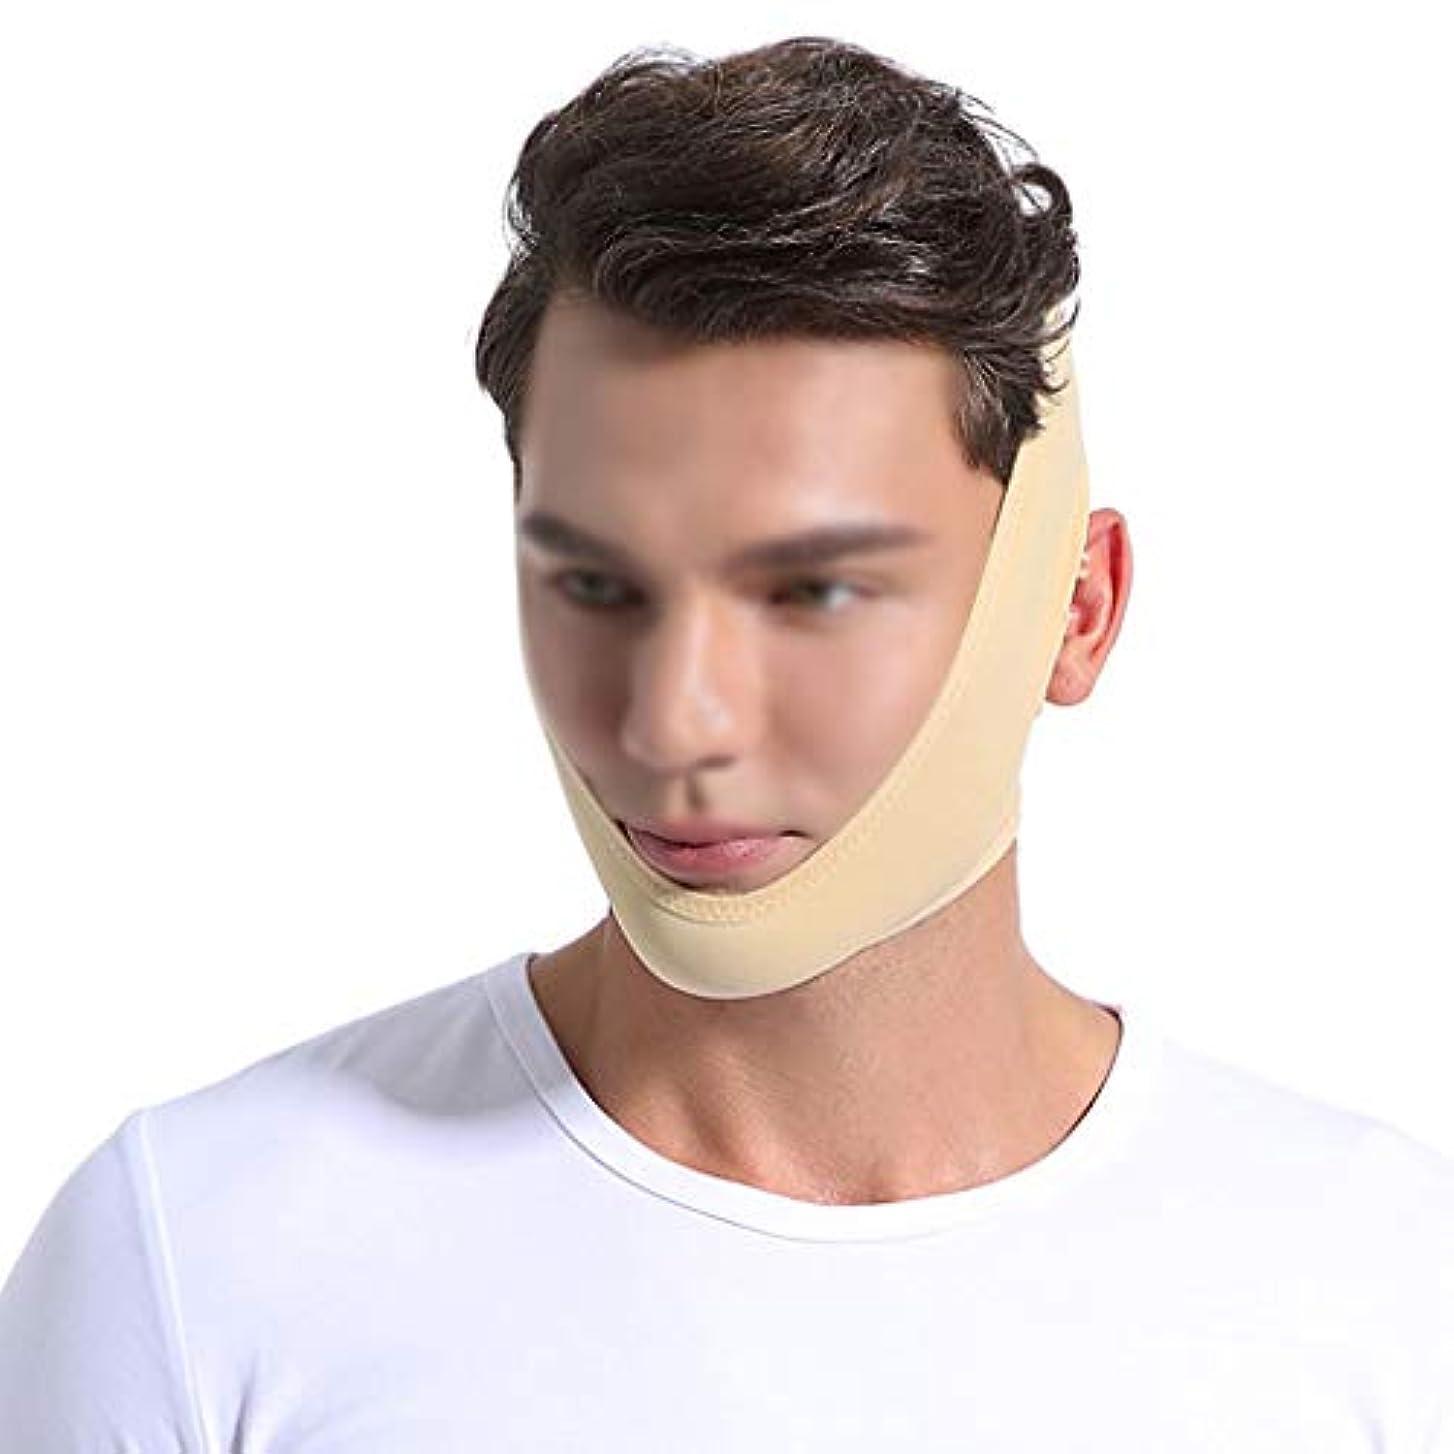 ソーダ水性格いろいろ医療ワイヤーカービング、男性と女性の顔の弾性包帯ヘッドギア結ばれた小さなV顔薄いフェイスマスクを結んだ後リフティングマスクを再開